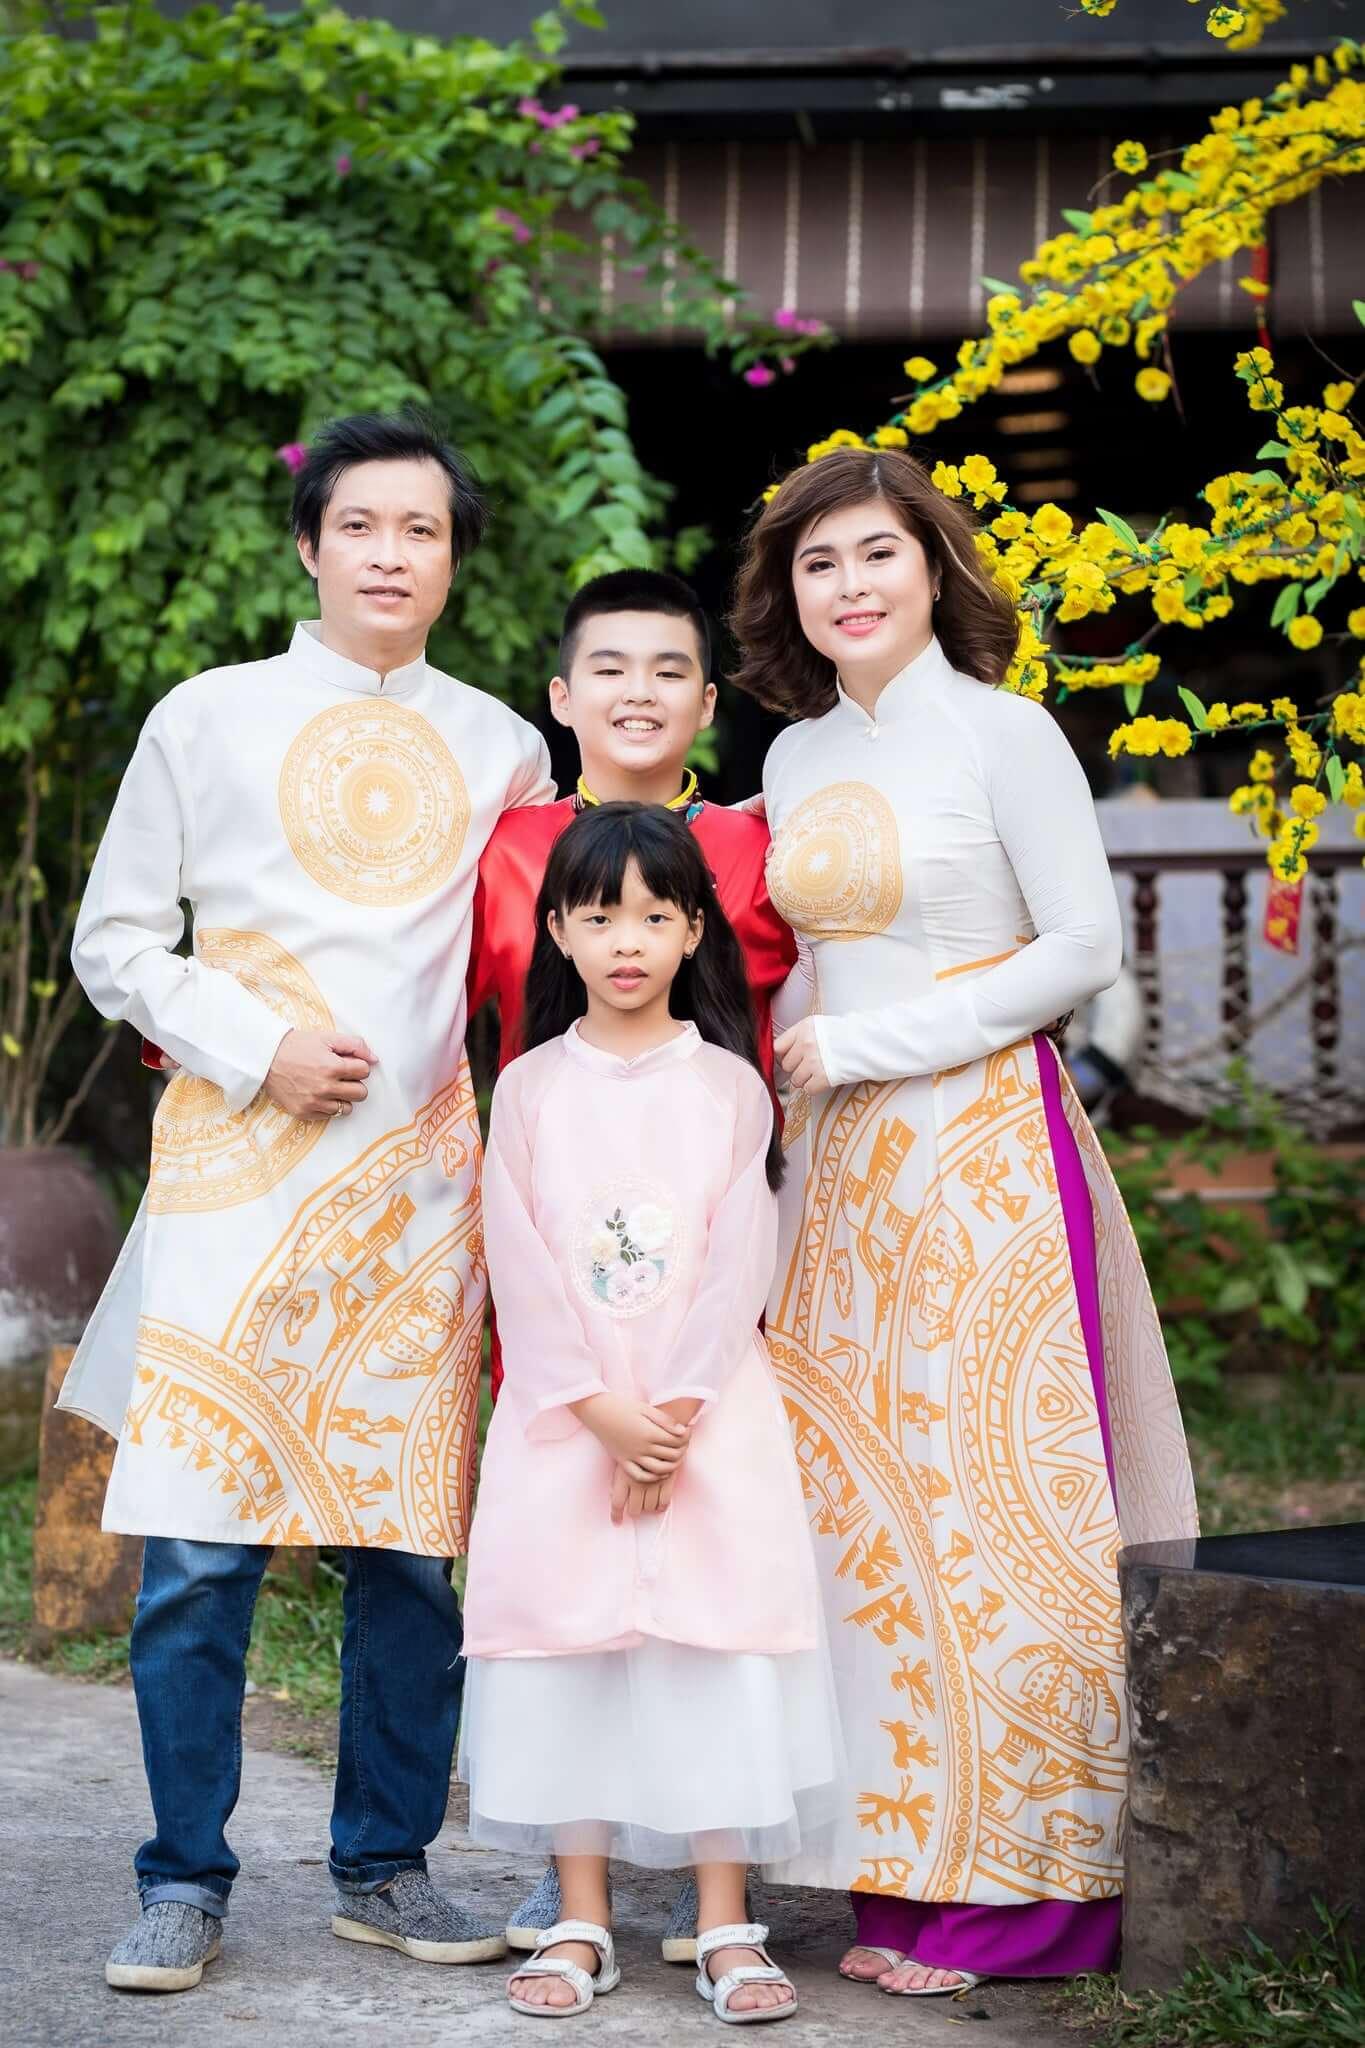 Lưu ý để có bộ ảnh gia đình 4 người đẹp